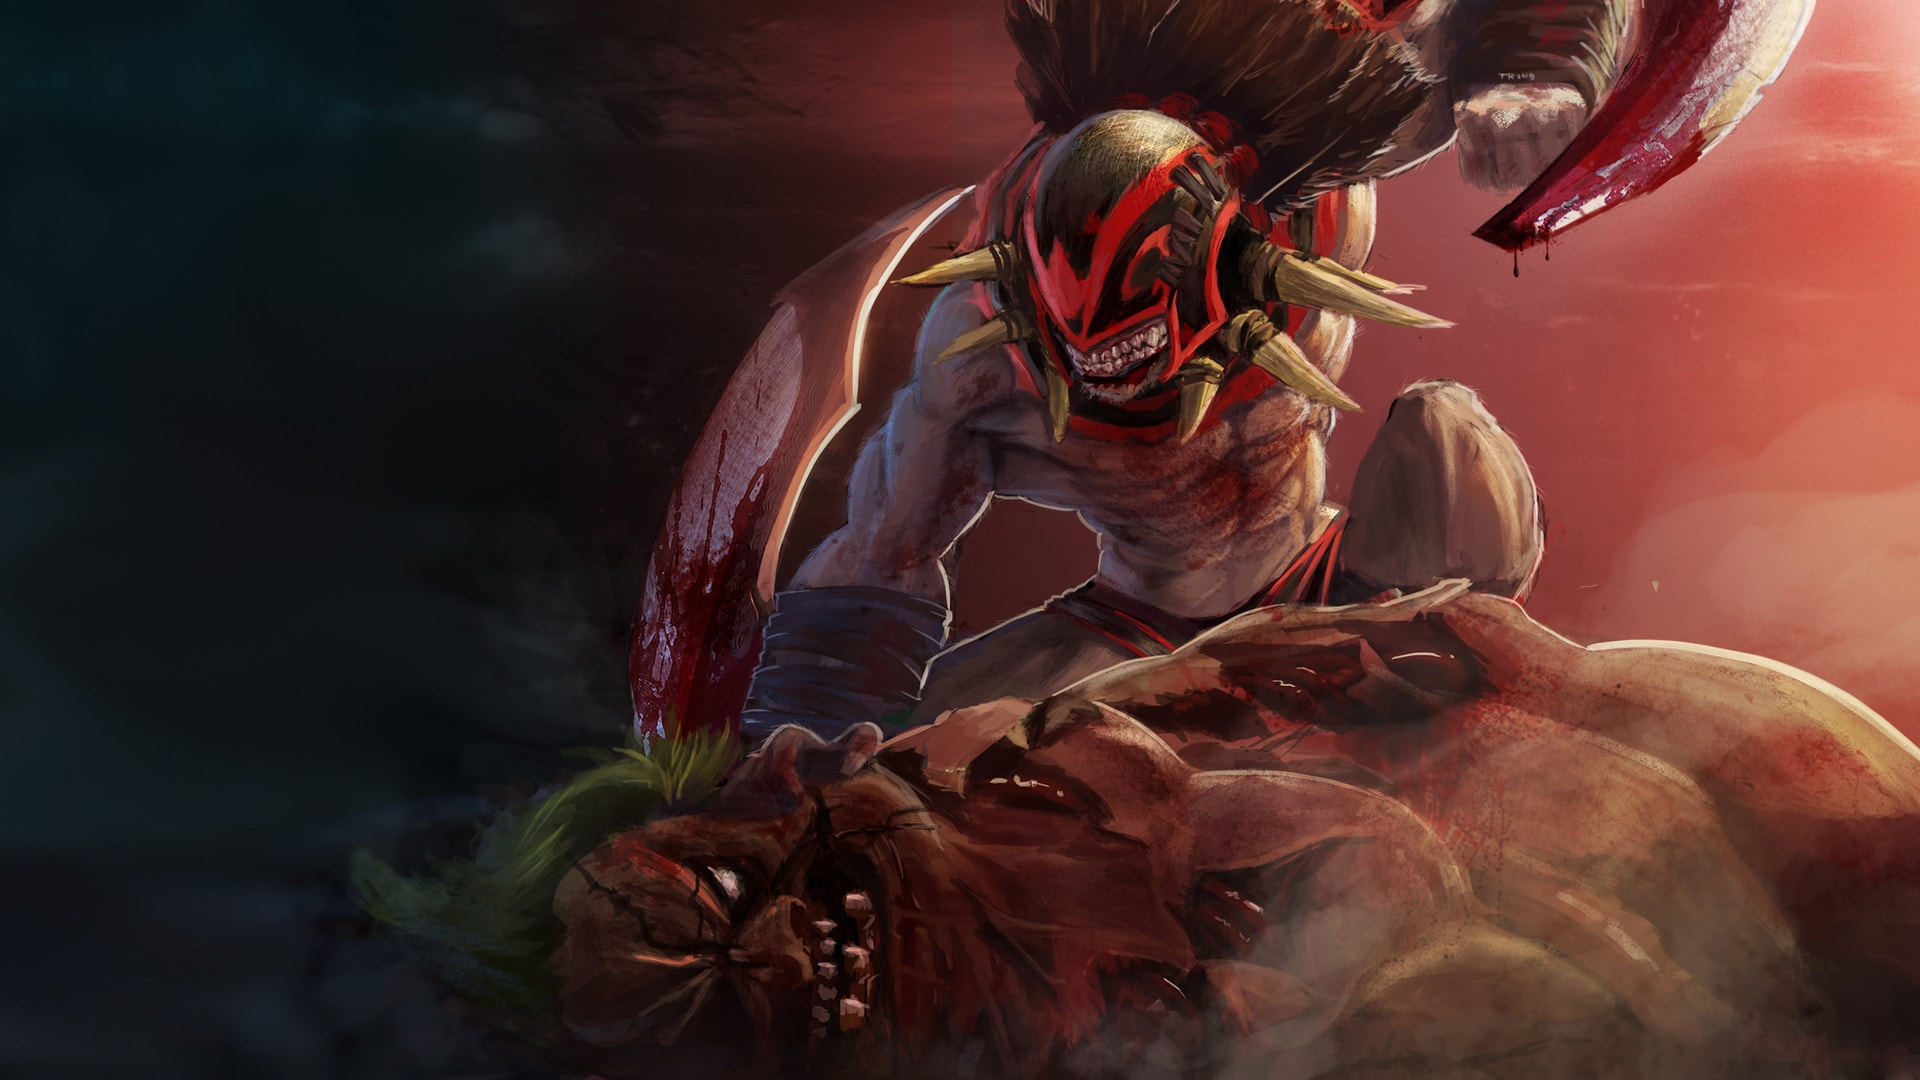 Dota2 : Bloodseeker Wallpaper